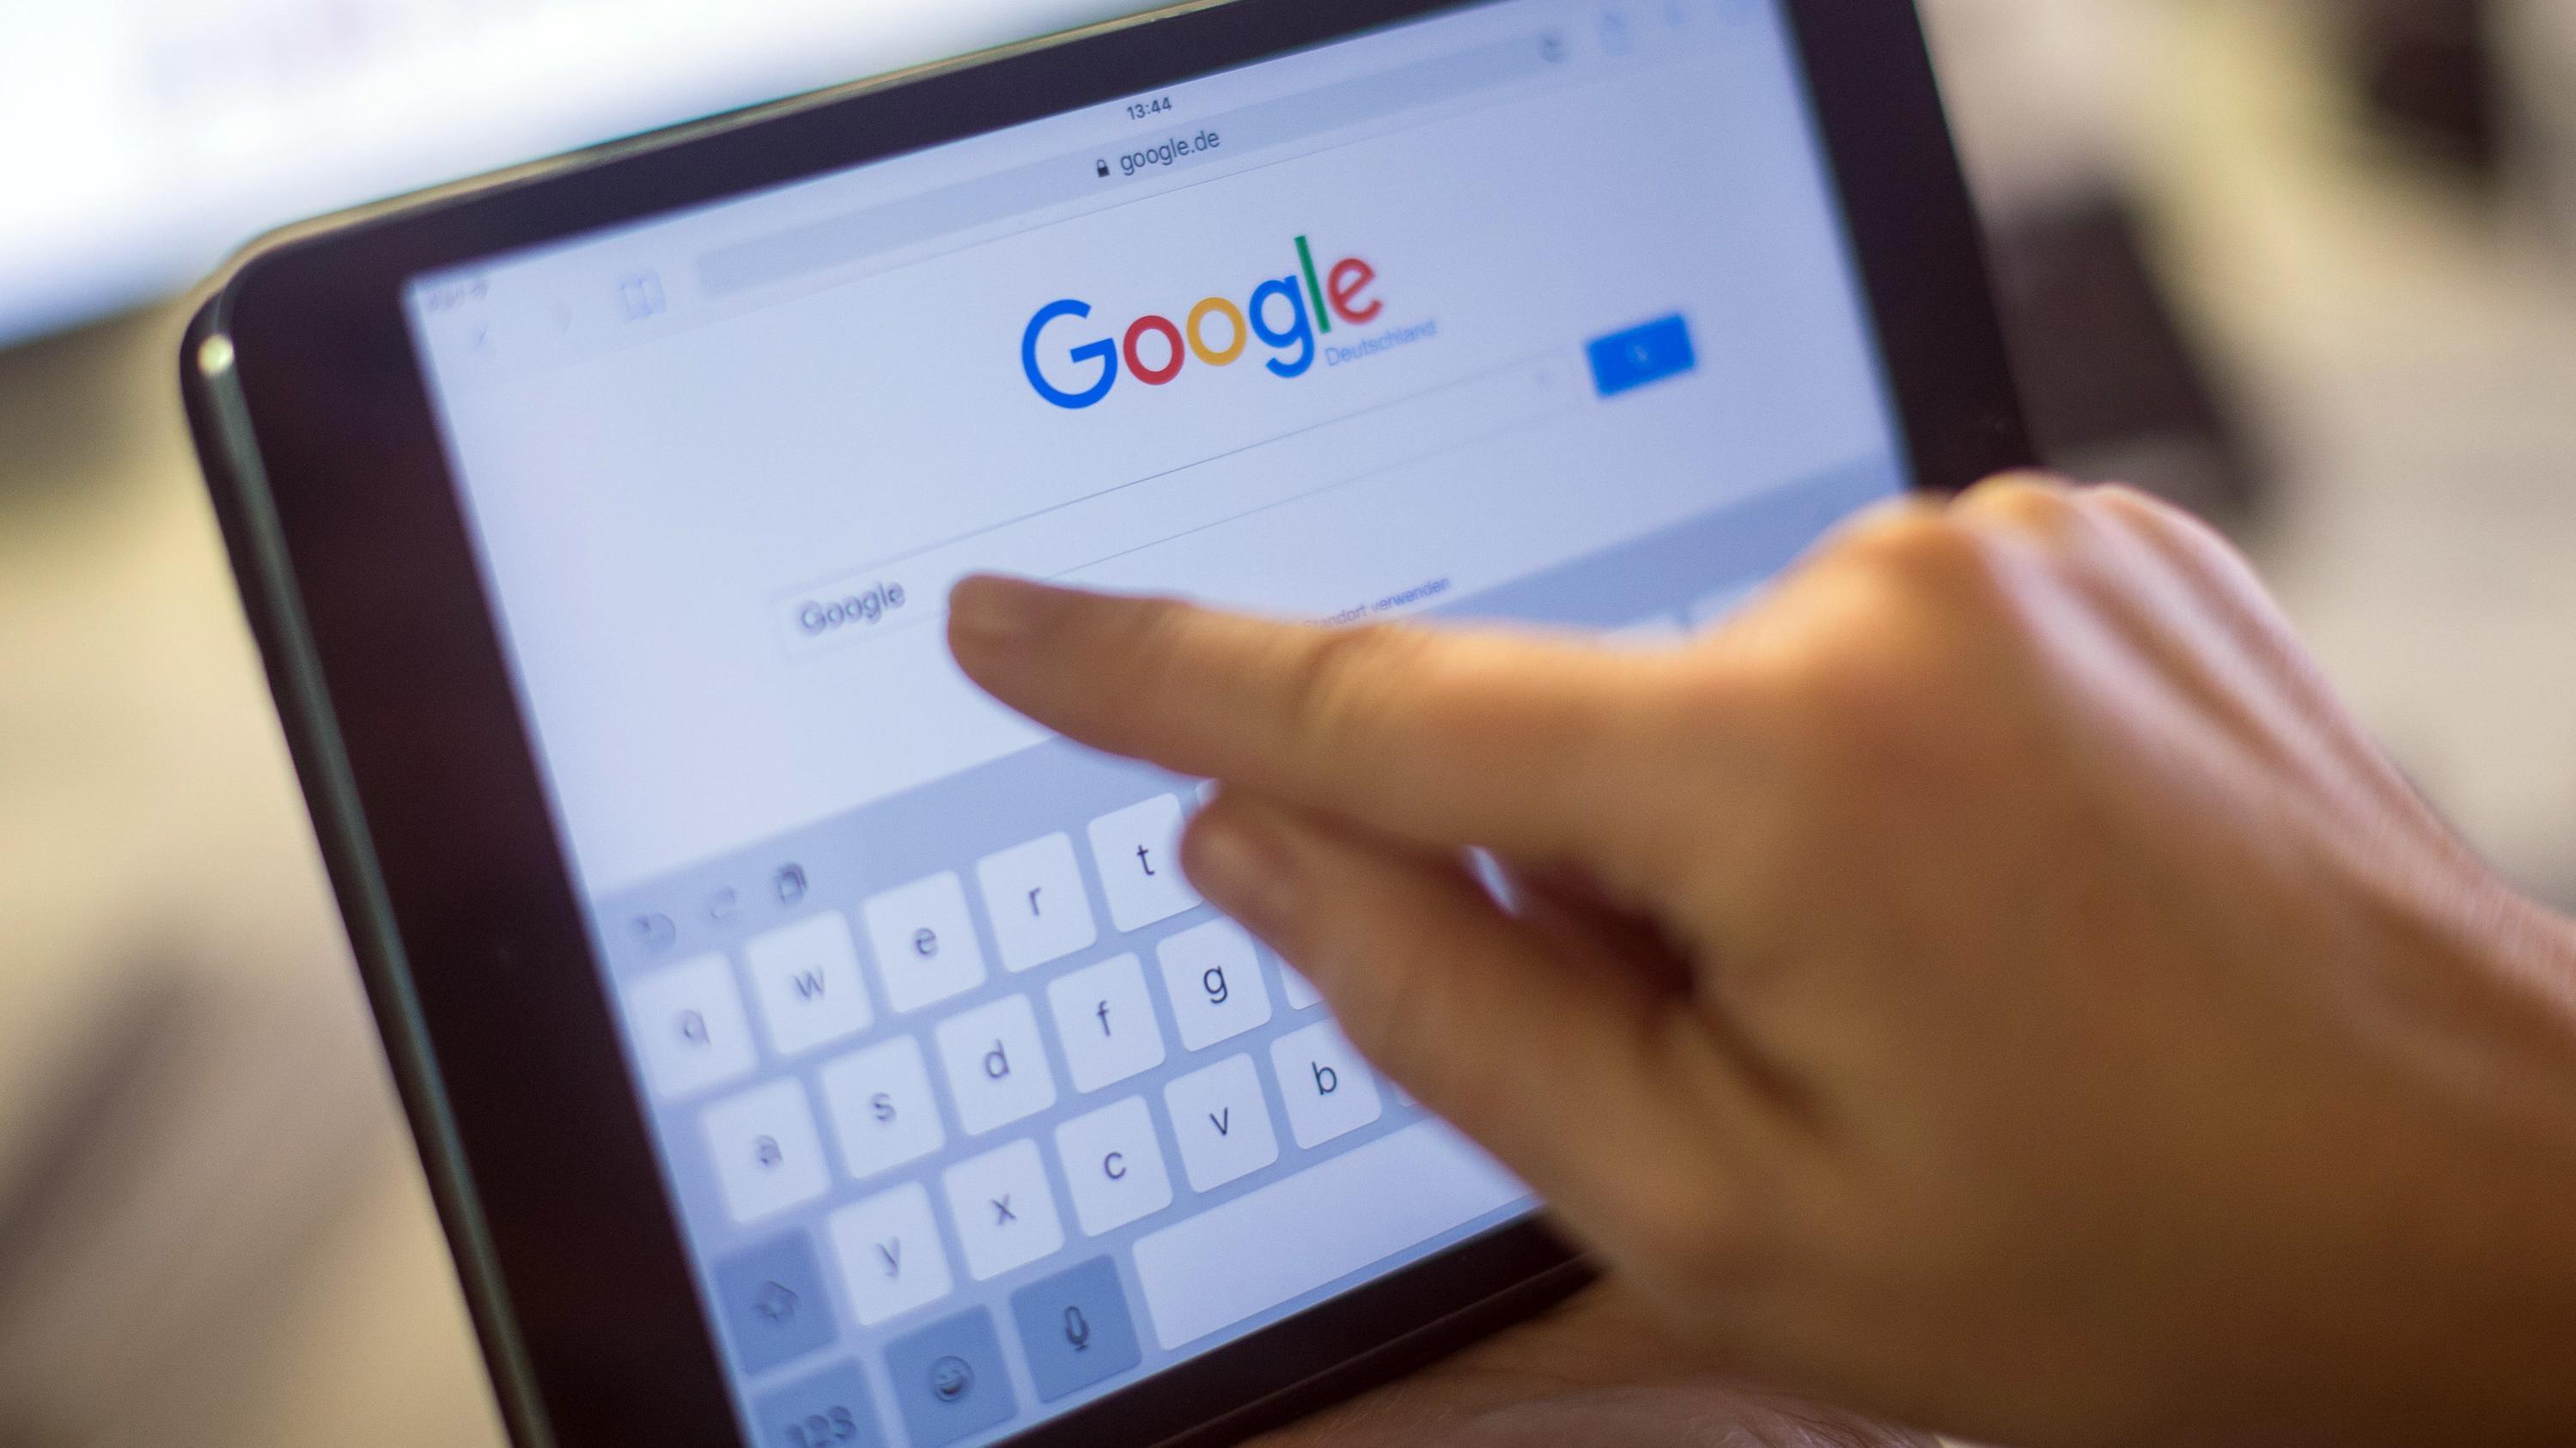 Symbolbild: Google-Suche auf einem Tablet